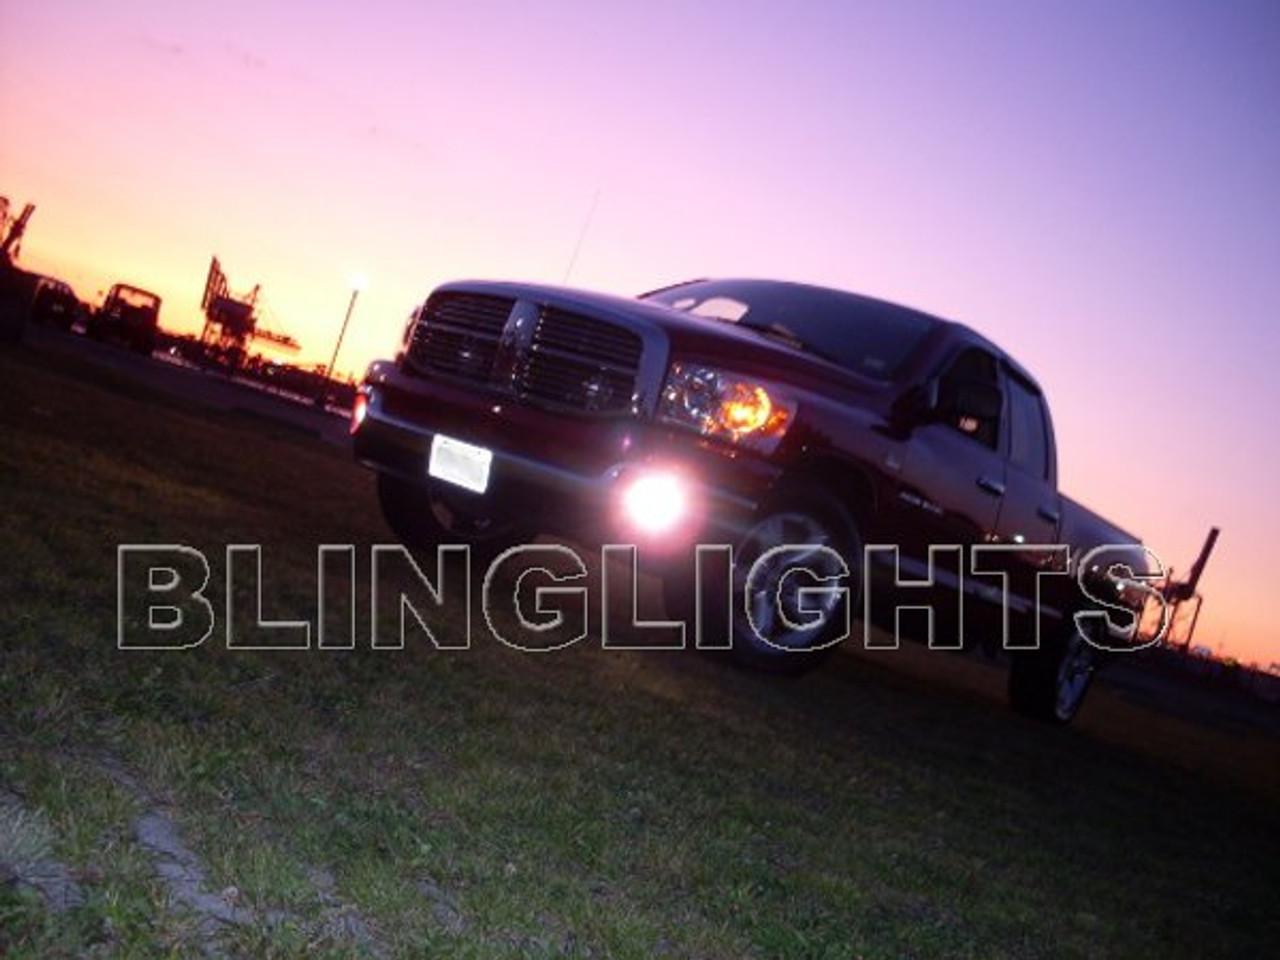 2002-2008 Dodge Ram 1500 Fog Lamp Driving Light Kit Halo Angel Eye